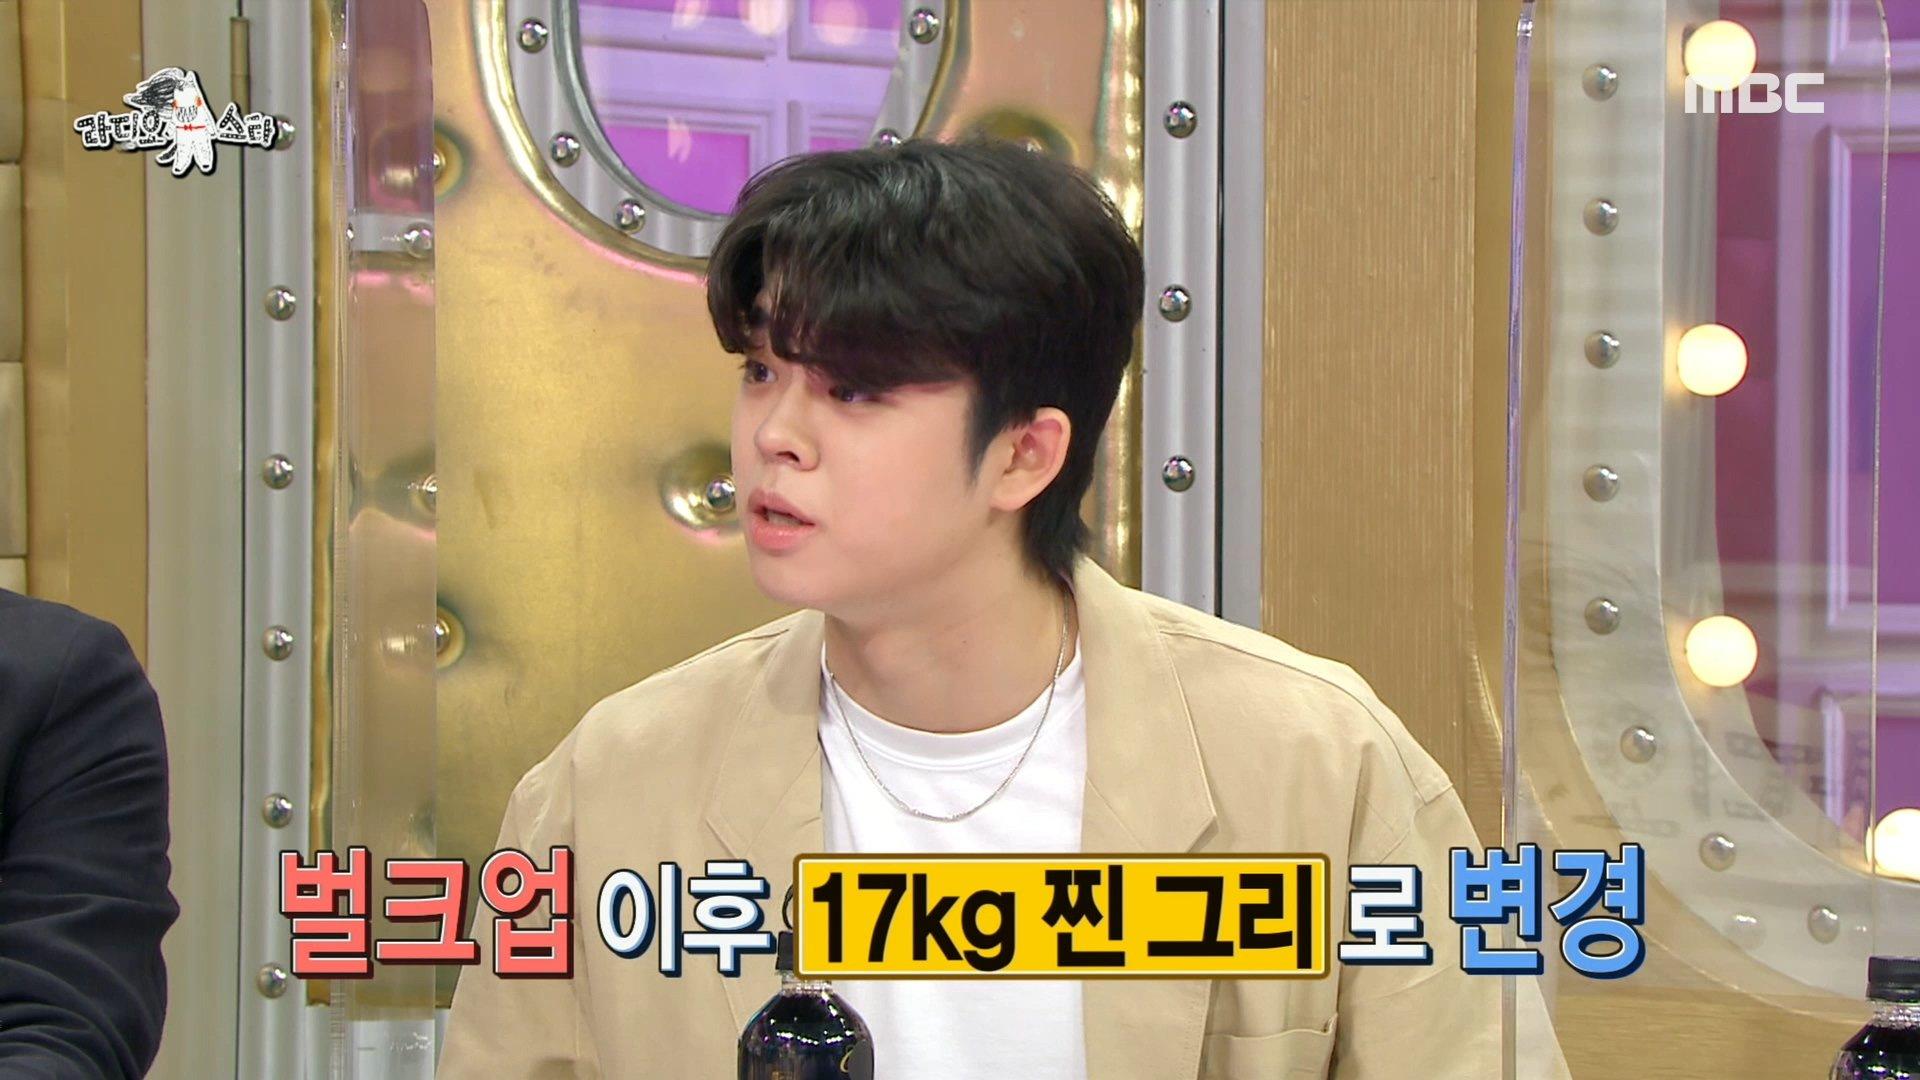 """수식어가 점점 많아지는 그리 """"17kg 증량한 김구라 아들 그리!"""" , MBC 210623 방송"""